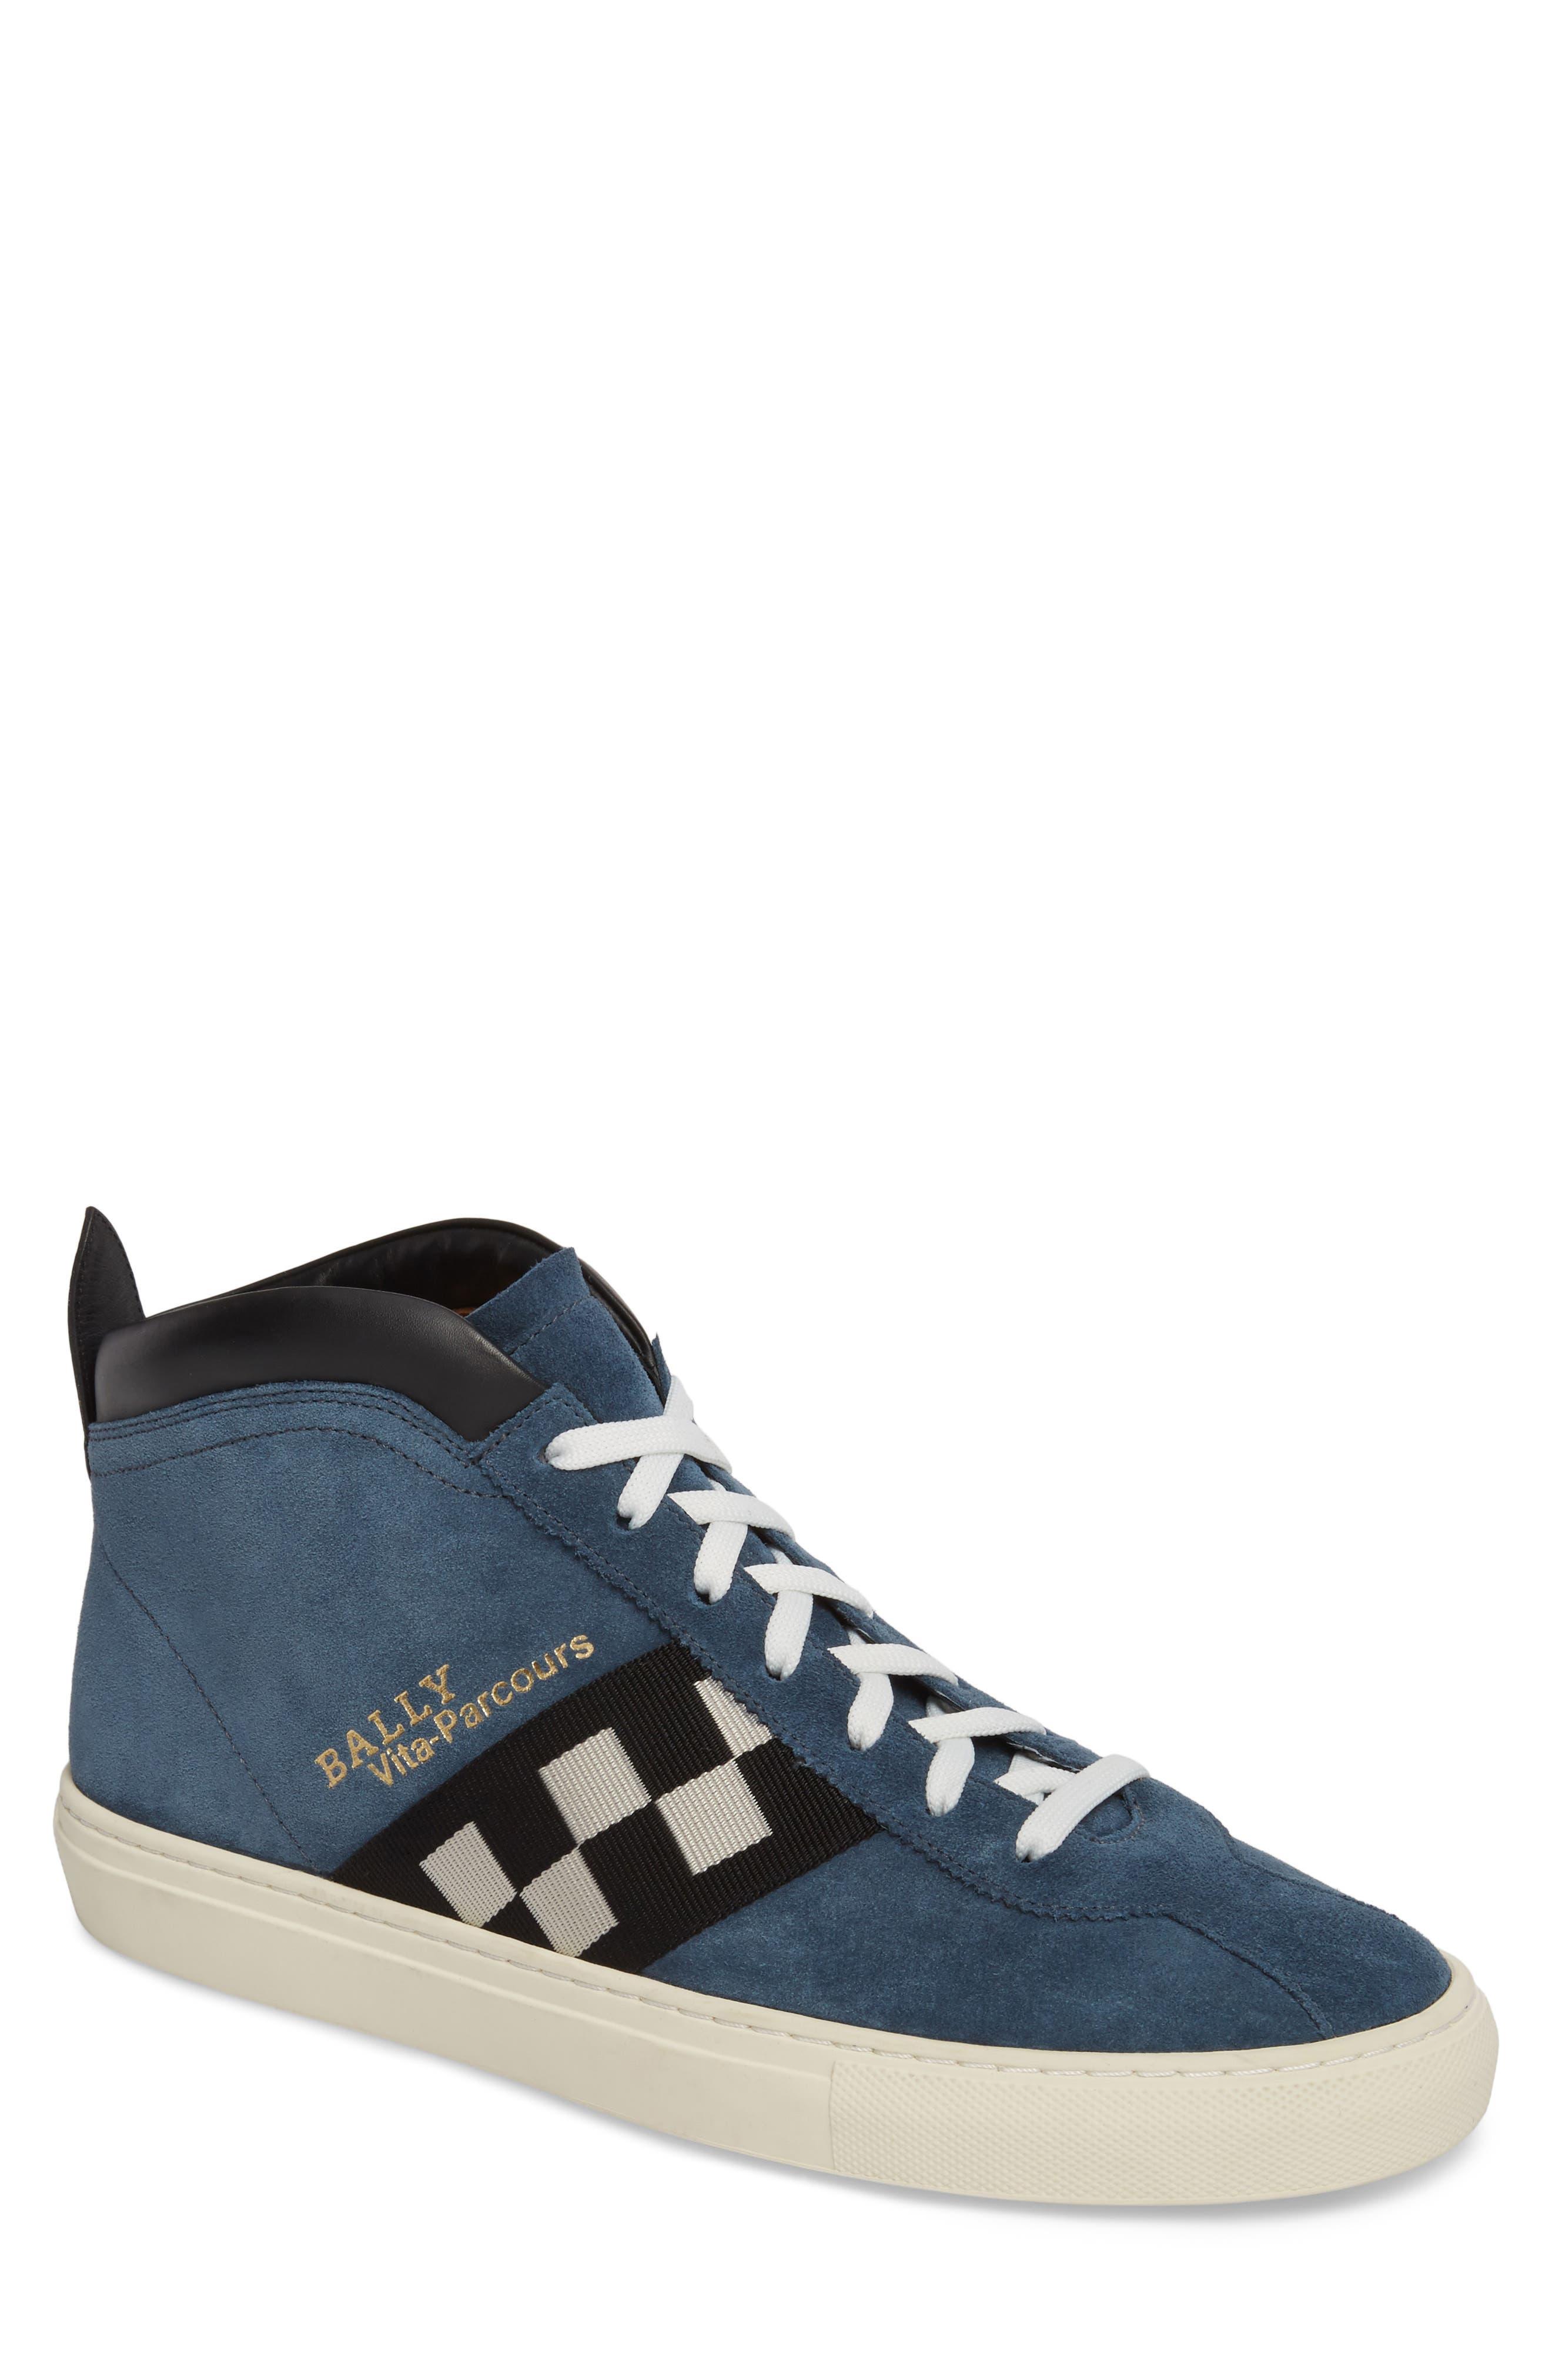 483027fa6 Men s Bally Shoes